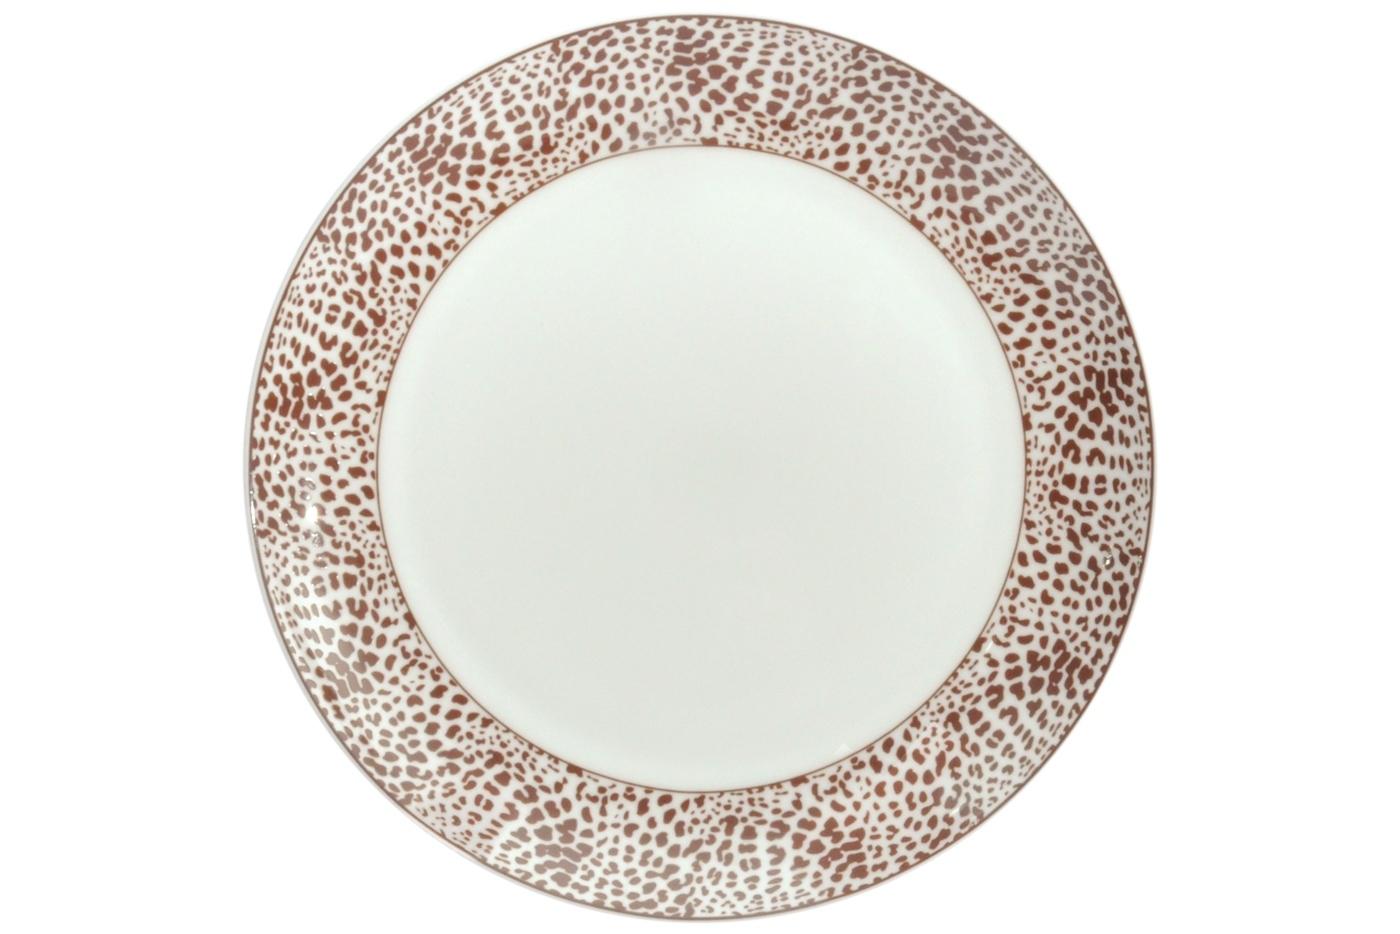 Набор из 6 тарелок Royal Aurel Сафари (25см) арт.622Наборы тарелок<br>Набор из 6 тарелок Royal Aurel Сафари (25см) арт.622<br>Производить посуду из фарфора начали в Китае на стыке 6-7 веков. Неустанно совершенствуя и селективно отбирая сырье для производства посуды из фарфора, мастерам удалось добиться выдающихся характеристик фарфора: белизны и тонкостенности. В XV веке появился особый интерес к китайской фарфоровой посуде, так как в это время Европе возникла мода на самобытные китайские вещи. Роскошный китайский фарфор являлся изыском и был в новинку, поэтому он выступал в качестве подарка королям, а также знатным людям. Такой дорогой подарок был очень престижен и по праву являлся элитной посудой. Как известно из многочисленных исторических документов, в Европе китайские изделия из фарфора ценились практически как золото. <br>Проверка изделий из костяного фарфора на подлинность <br>По сравнению с производством других видов фарфора процесс производства изделий из настоящего костяного фарфора сложен и весьма длителен. Посуда из изящного фарфора - это элитная посуда, которая всегда ассоциируется с богатством, величием и благородством. Несмотря на небольшую толщину, фарфоровая посуда - это очень прочное изделие. Для демонстрации плотности и прочности фарфора можно легко коснуться предметов посуды из фарфора деревянной палочкой, и тогда мы услушим характерный металлический звон. В составе фарфоровой посуды присутствует костяная зола, благодаря чему она может быть намного тоньше (не более 2,5 мм) и легче твердого или мягкого фарфора. Безупречная белизна - ключевой признак отличия такого фарфора от других. Цвет обычного фарфора сероватый или ближе к голубоватому, а костяной фарфор будет всегда будет молочно-белого цвета. Характерная и немаловажная деталь - это невесомая прозрачность изделий из фарфора такая, что сквозь него проходит свет.<br>